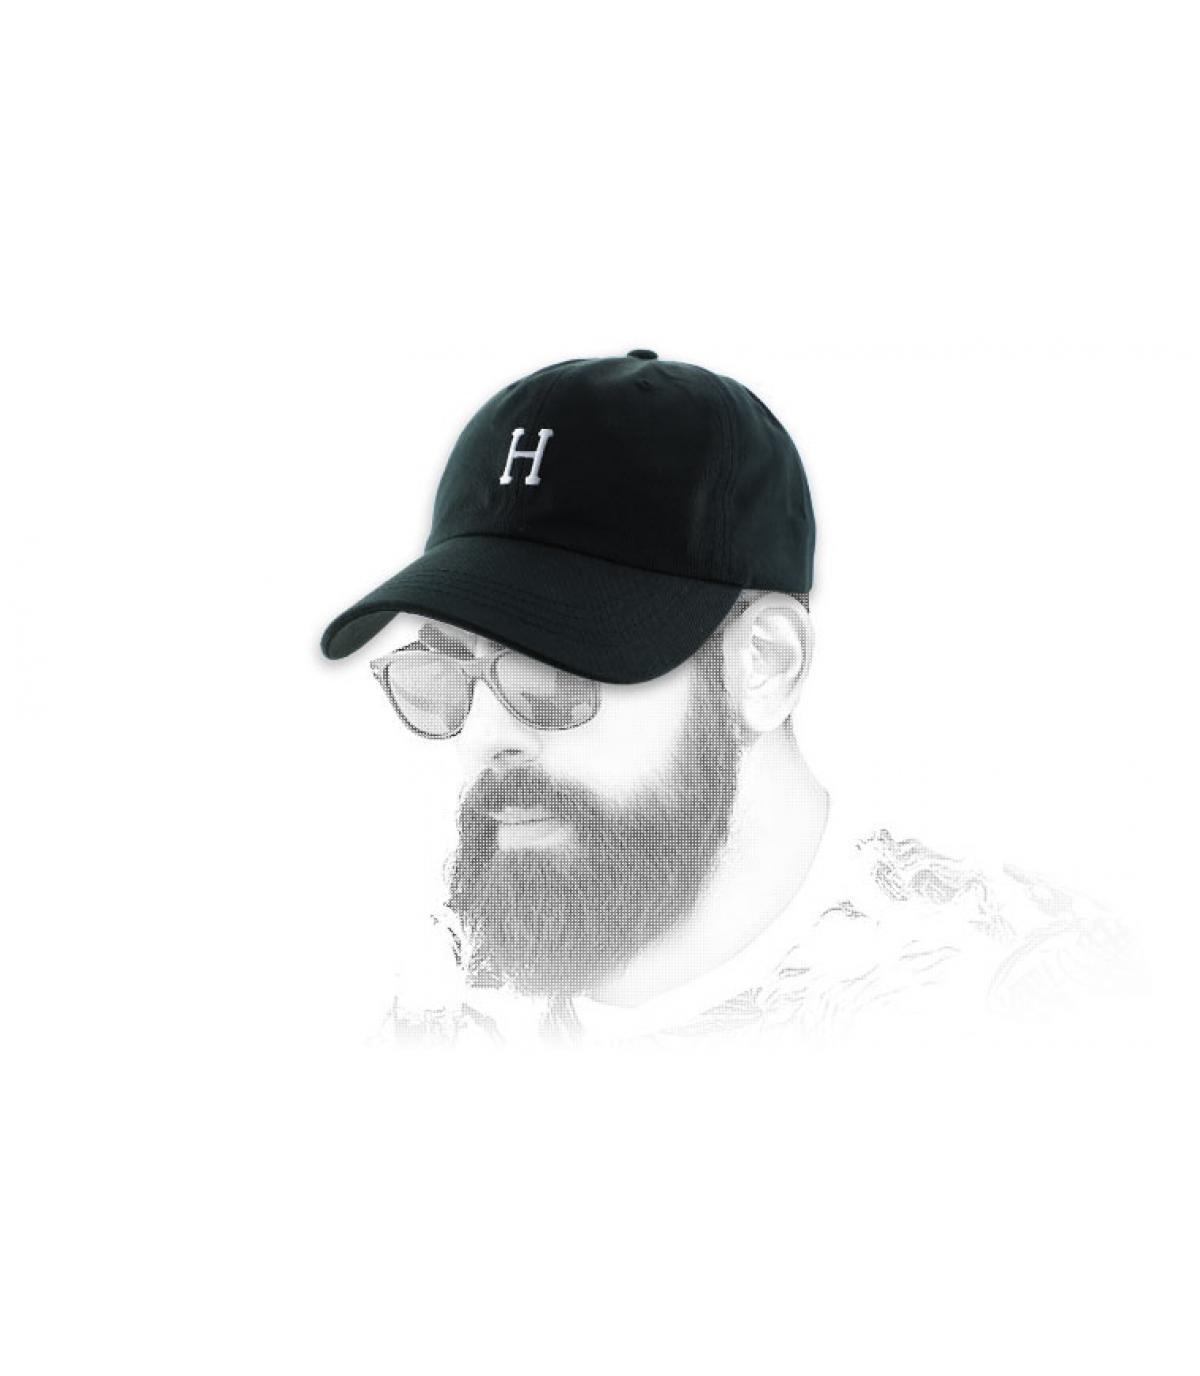 Cap H logo